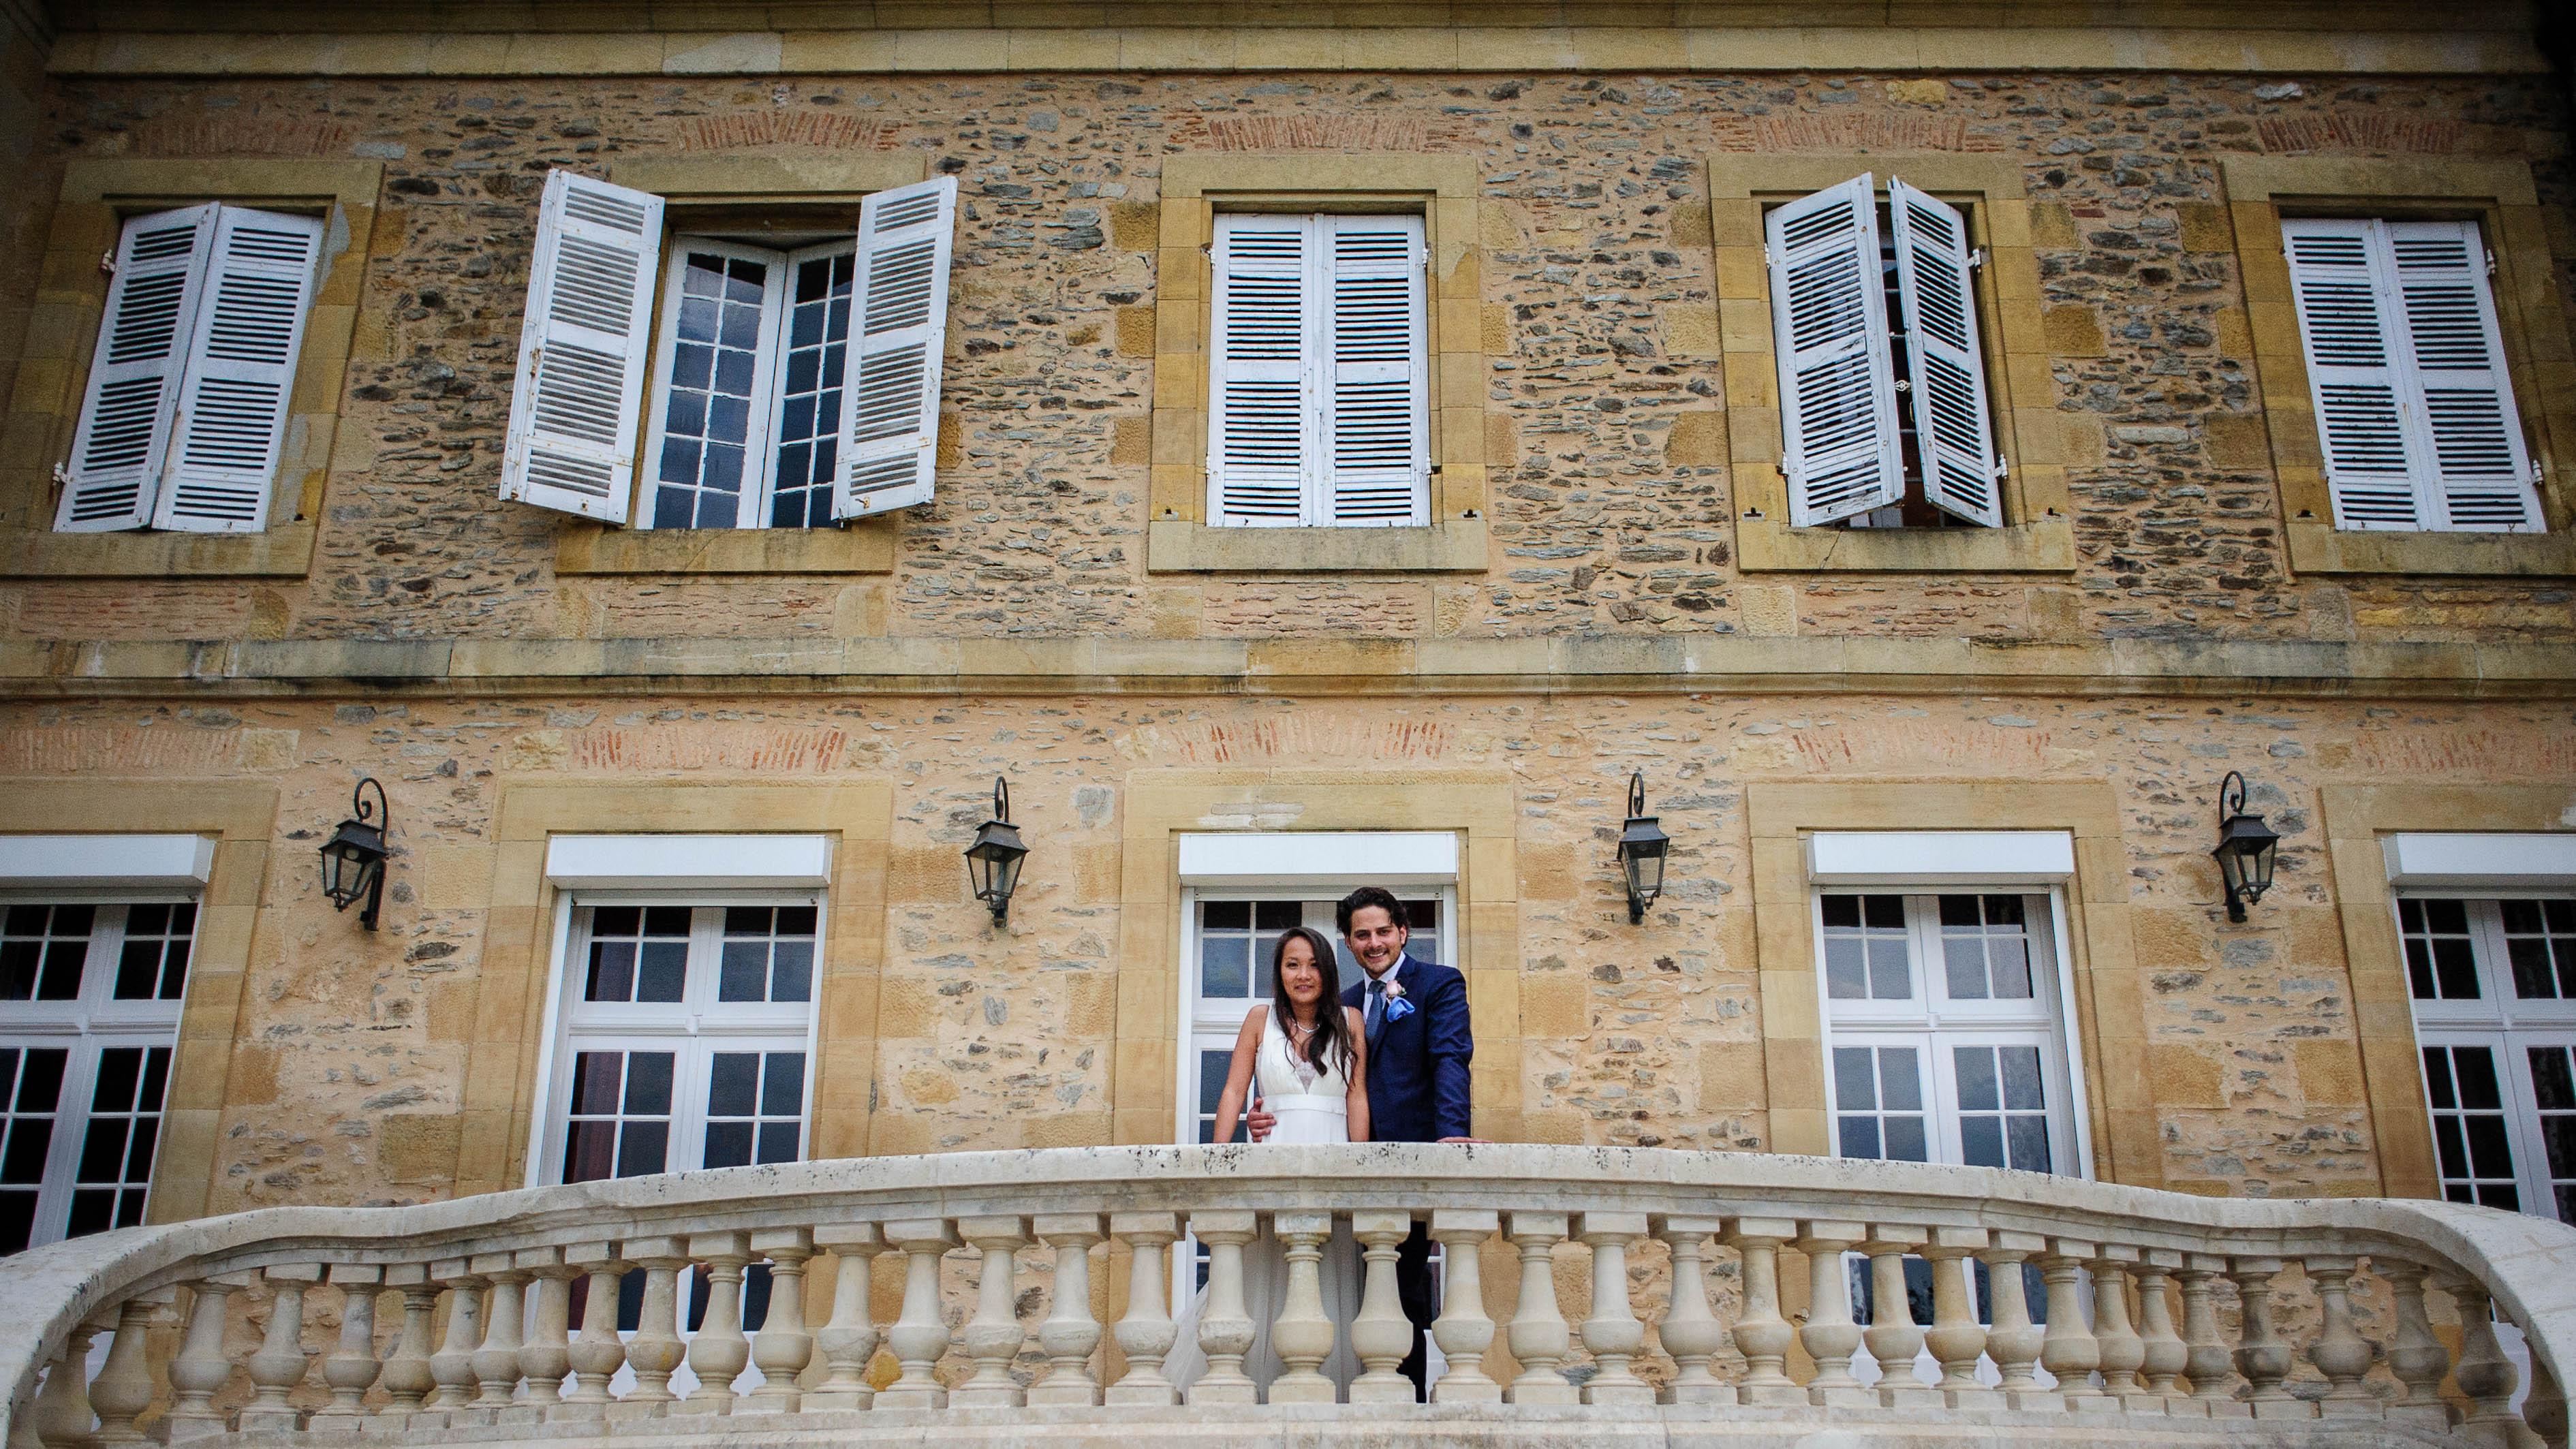 Photographe de mariage en Dordogne au domaine d'Essendiéras - Wedding photographer Dordogne Domaine d'Essendiéras